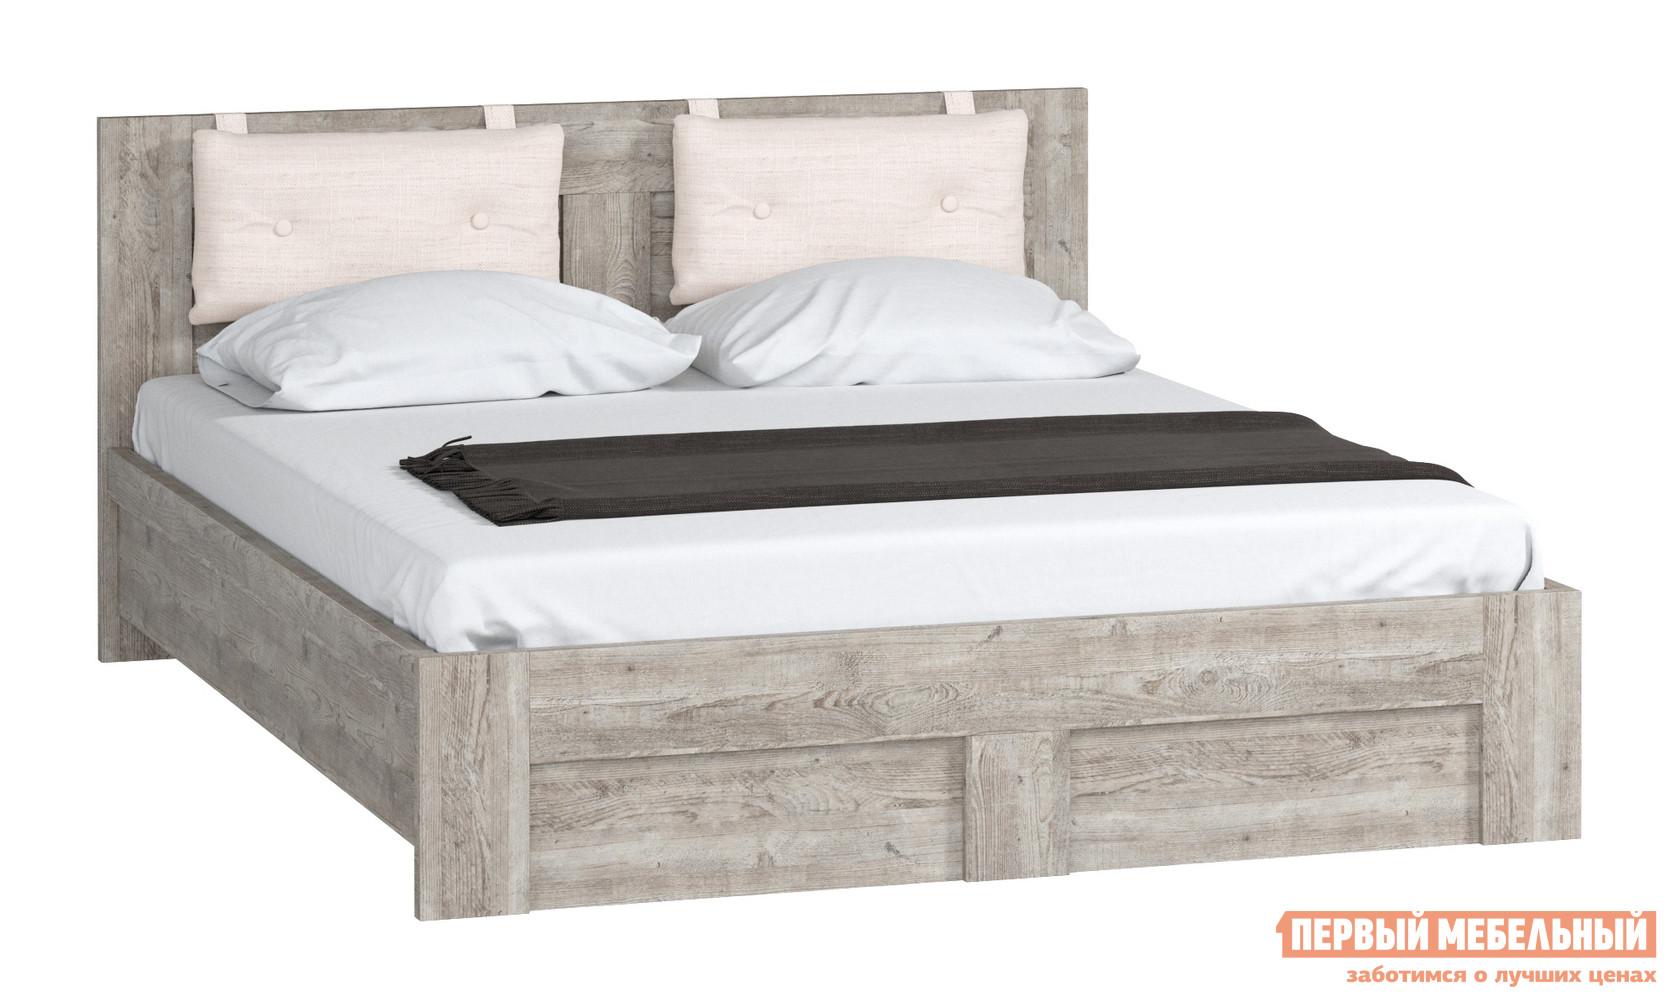 Двуспальная кровать WOODCRAFT Кровать 1400 мм, 1600 мм, 1800 мм Боб Пайн, 1600 Х 2000 мм, С основанием